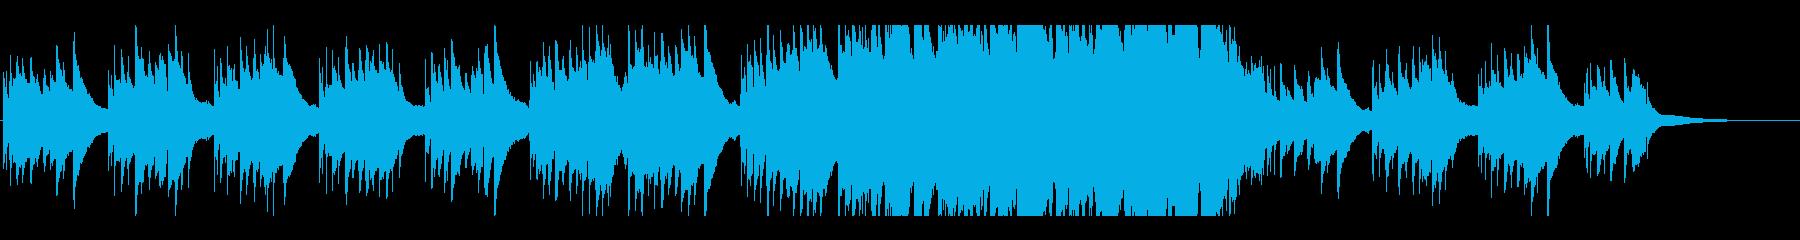 ノスタルジックなbgm 3の再生済みの波形